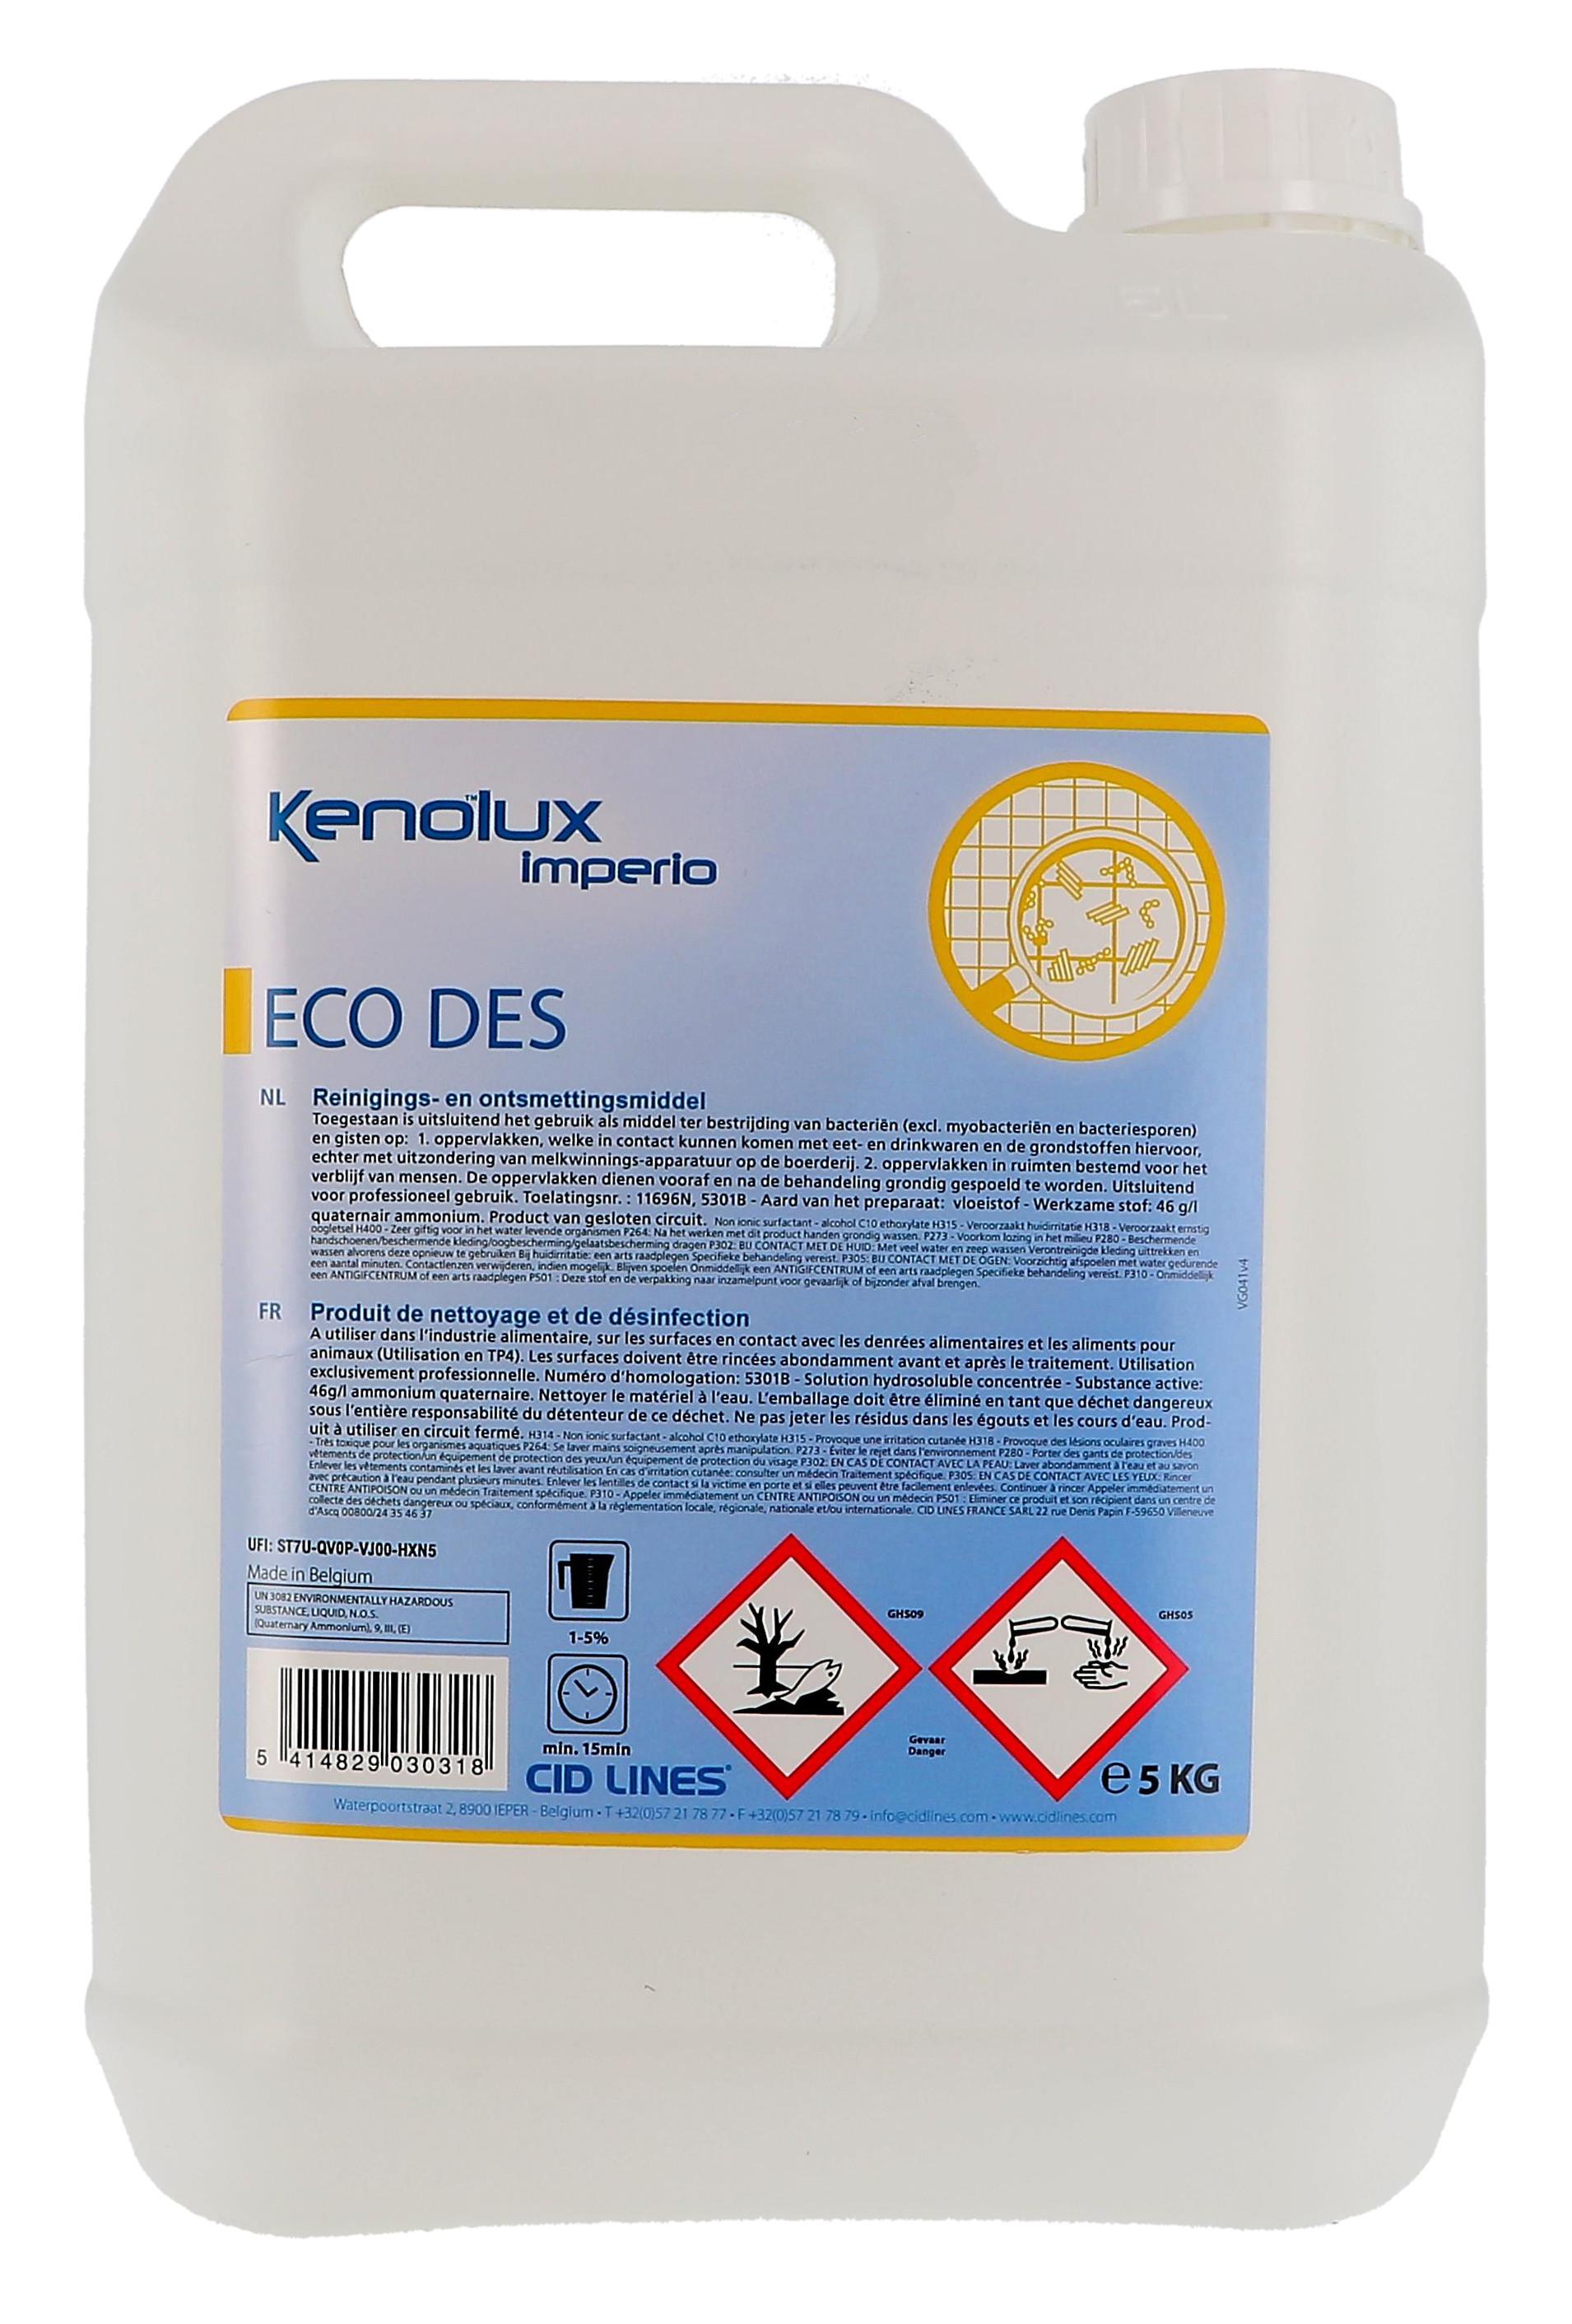 Kenolux Eco Des Désinectant 5L Cid Lines